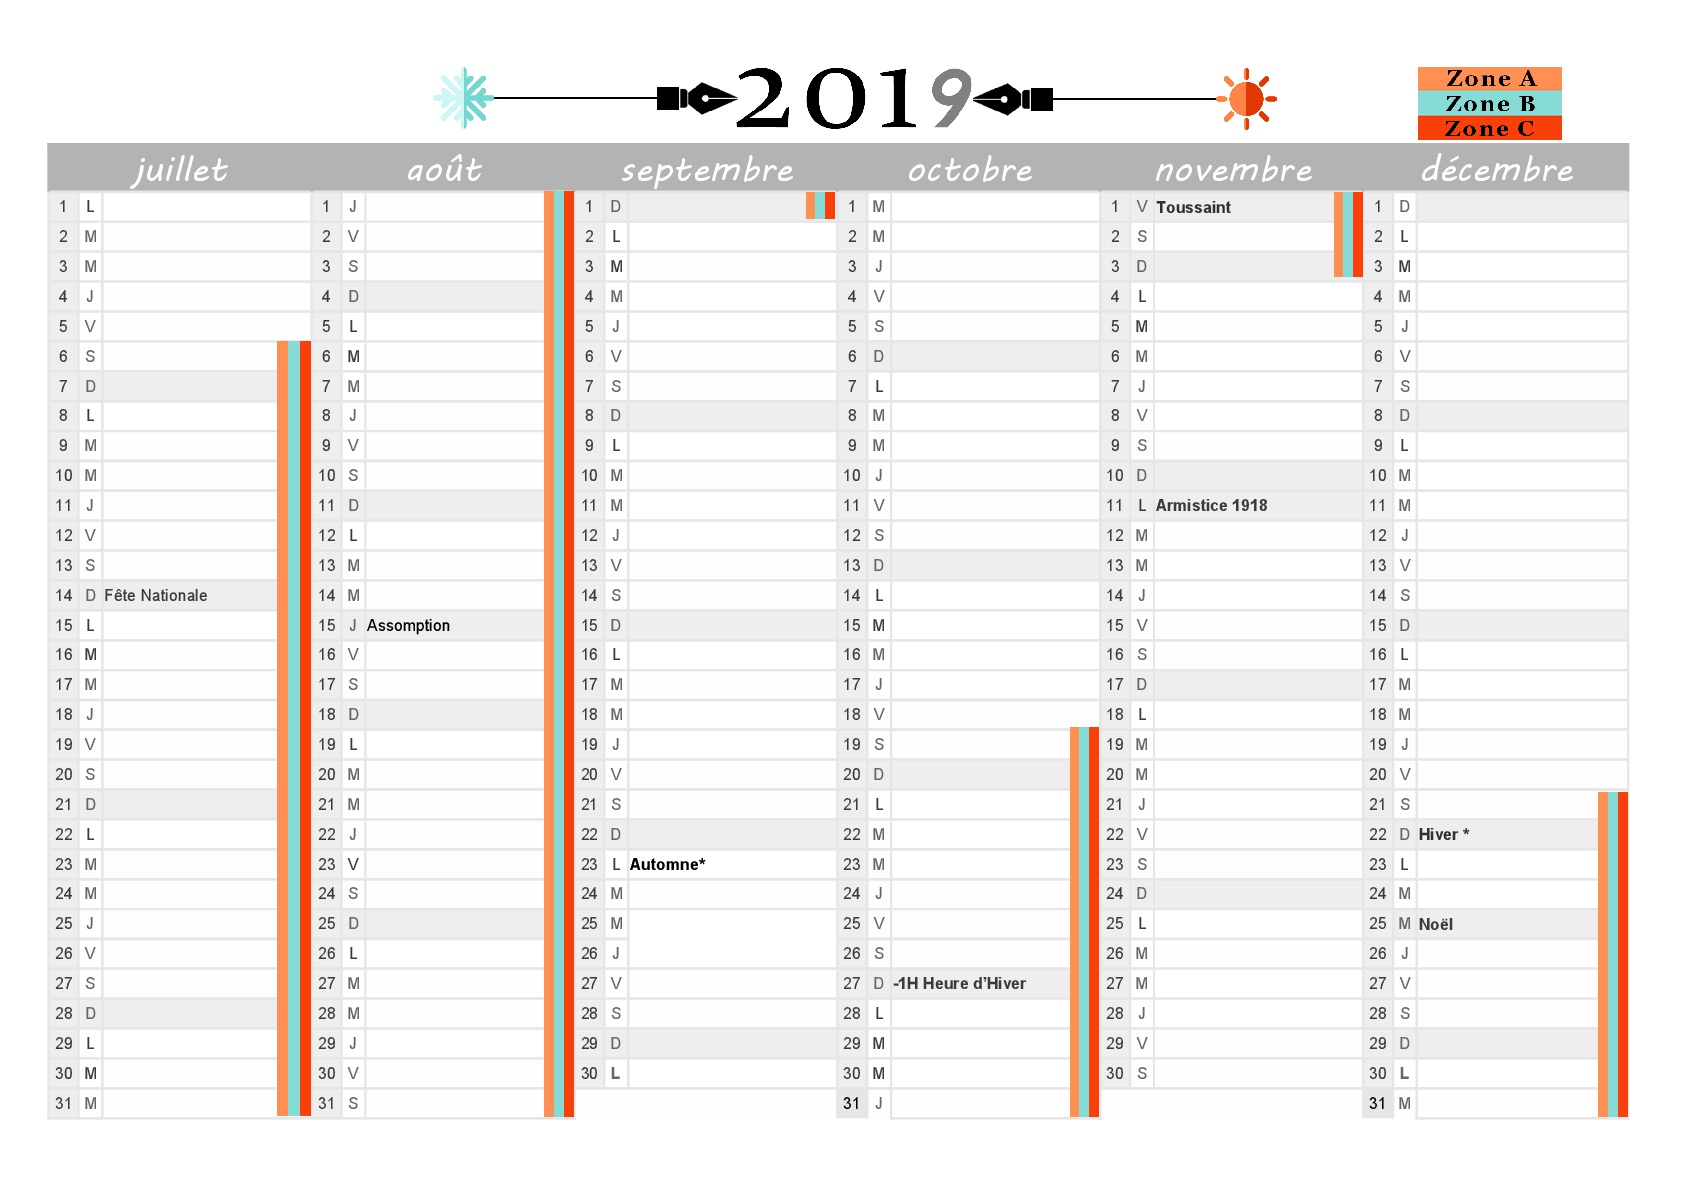 Calendrier 2019 Format Excel.Calendrier 2019 A Imprimer Jours Feries Vacances